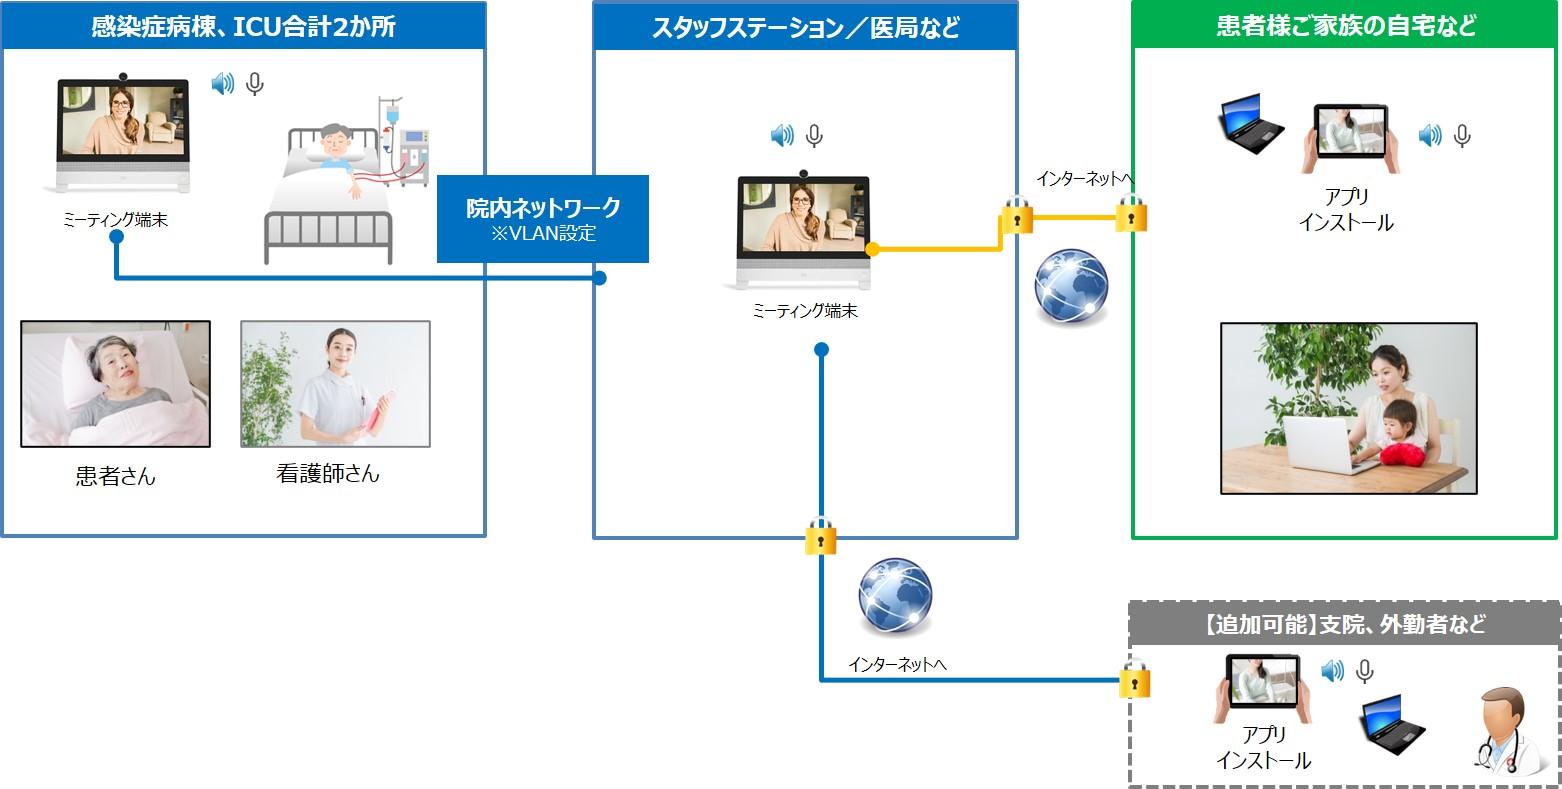 TV Meeting Plan イメージ